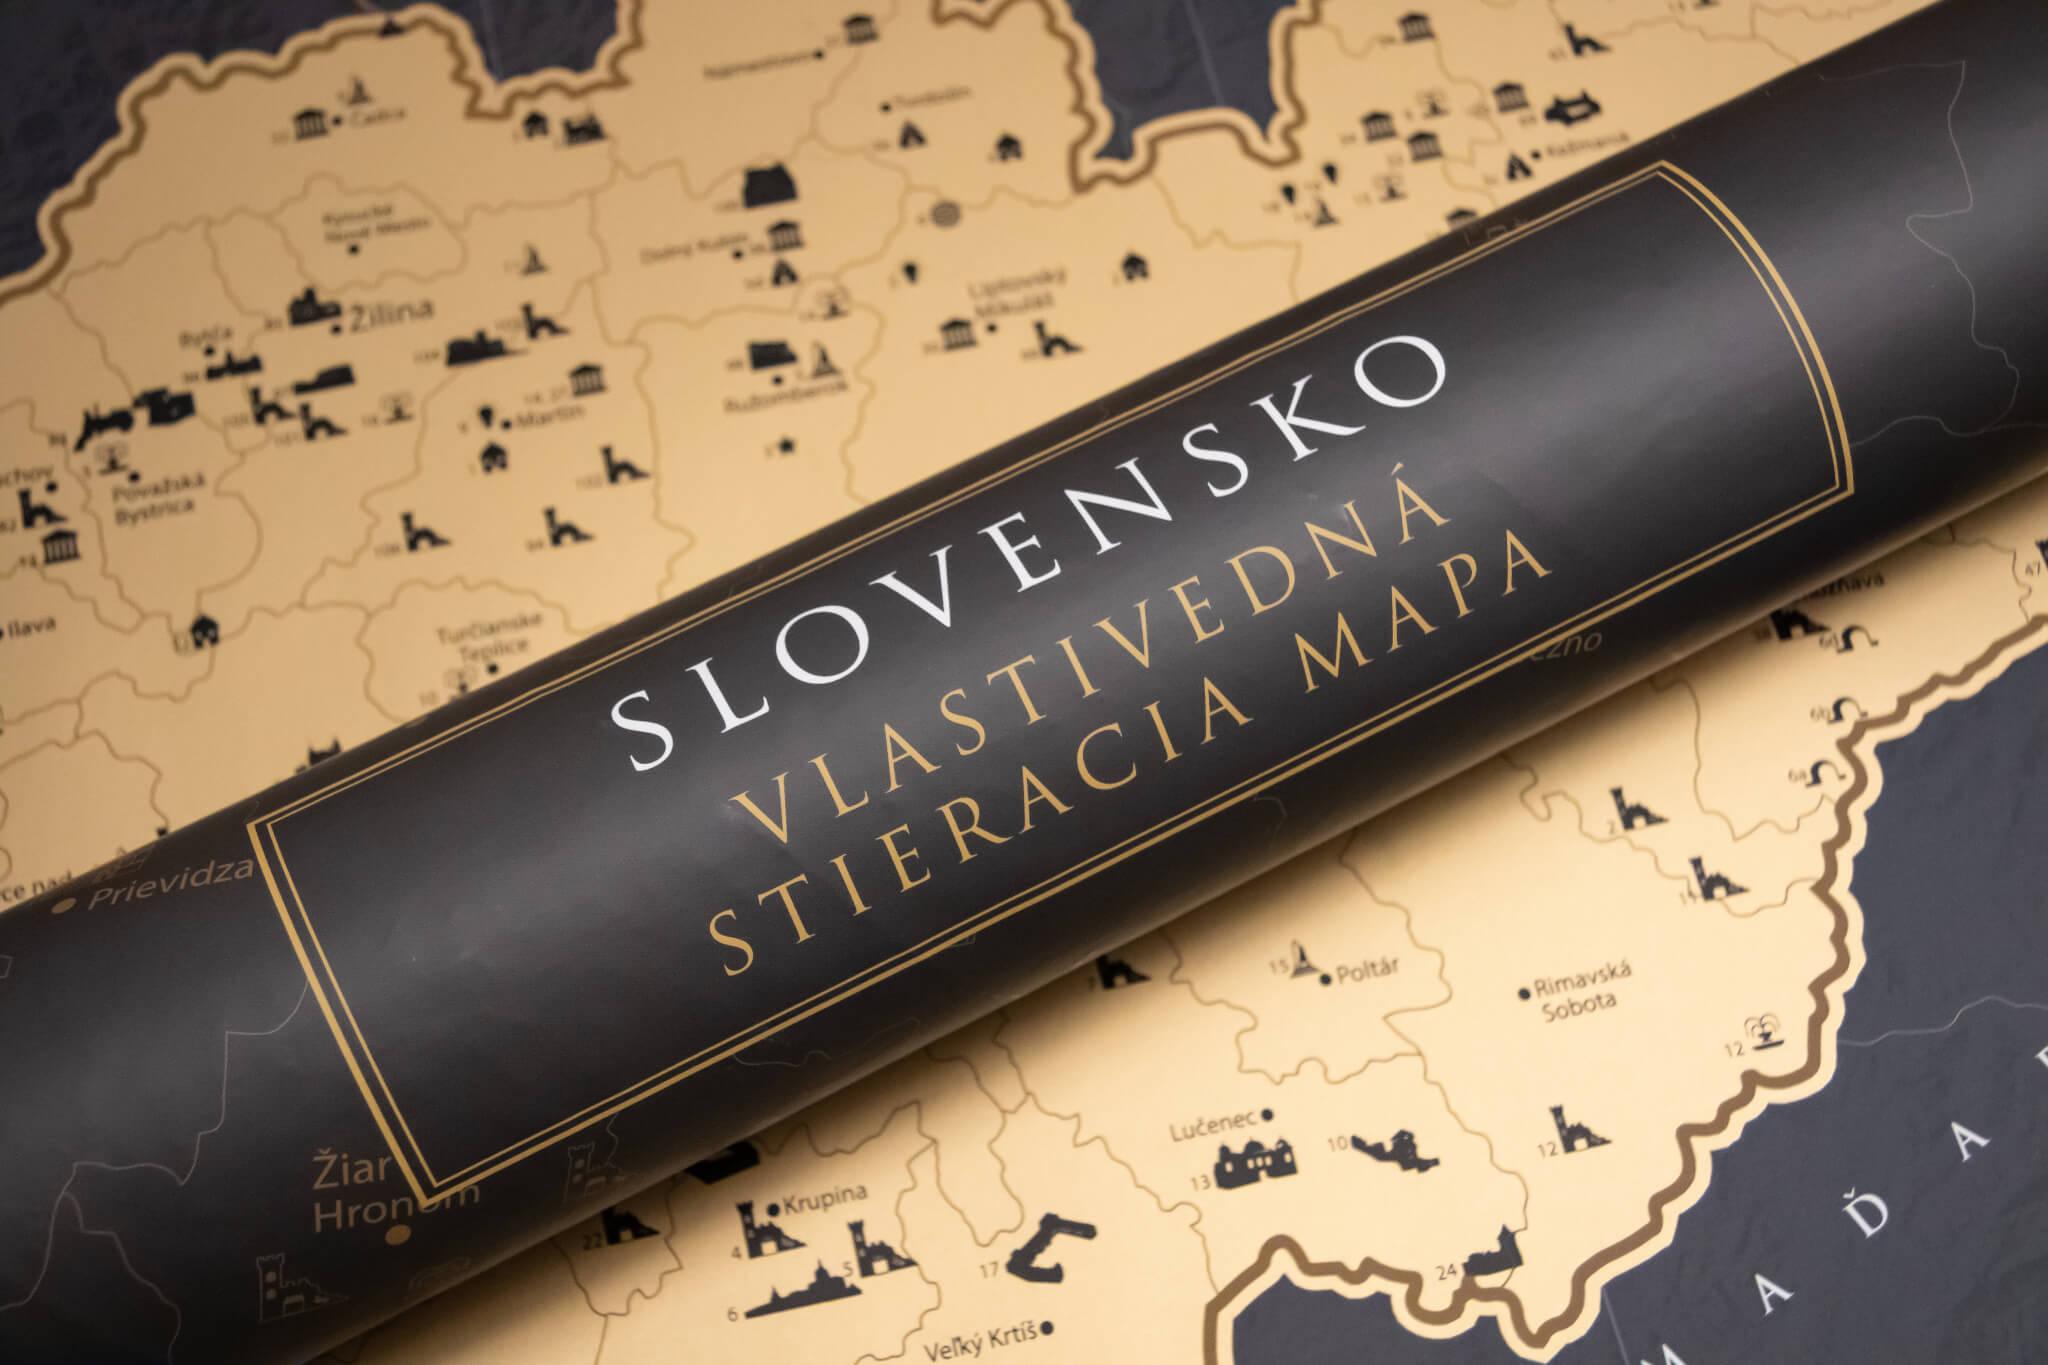 Stieracia mapa Slovenska - Darčekový tubus